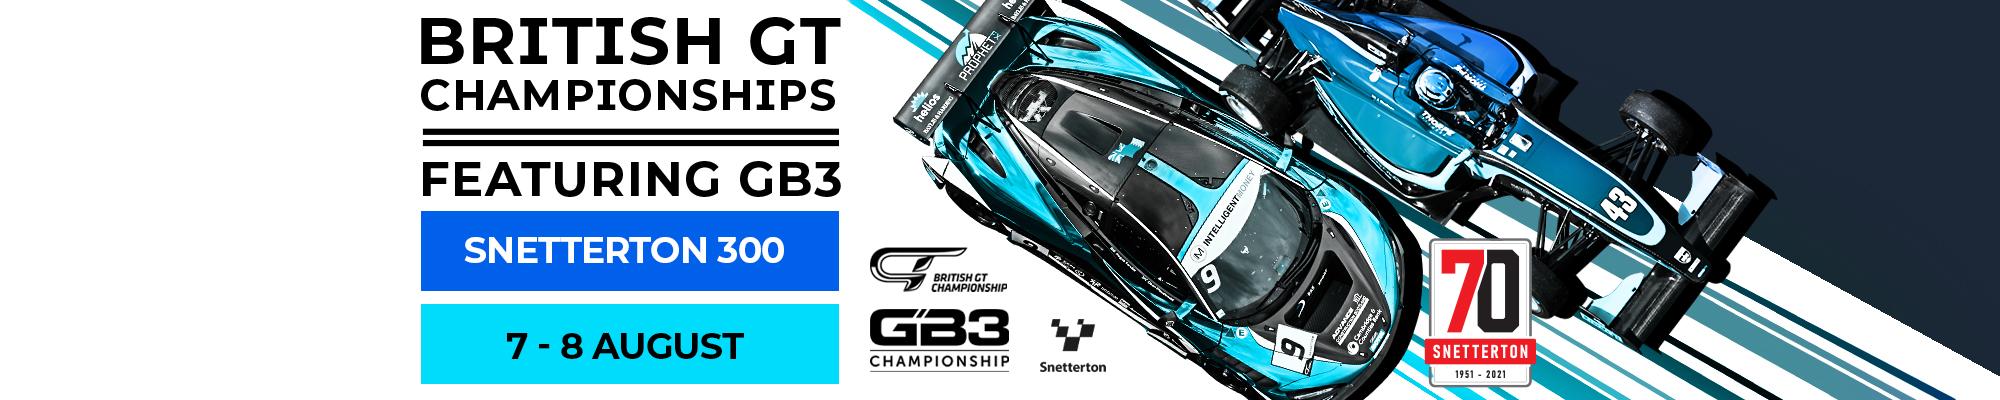 British GT & GB3 Championships